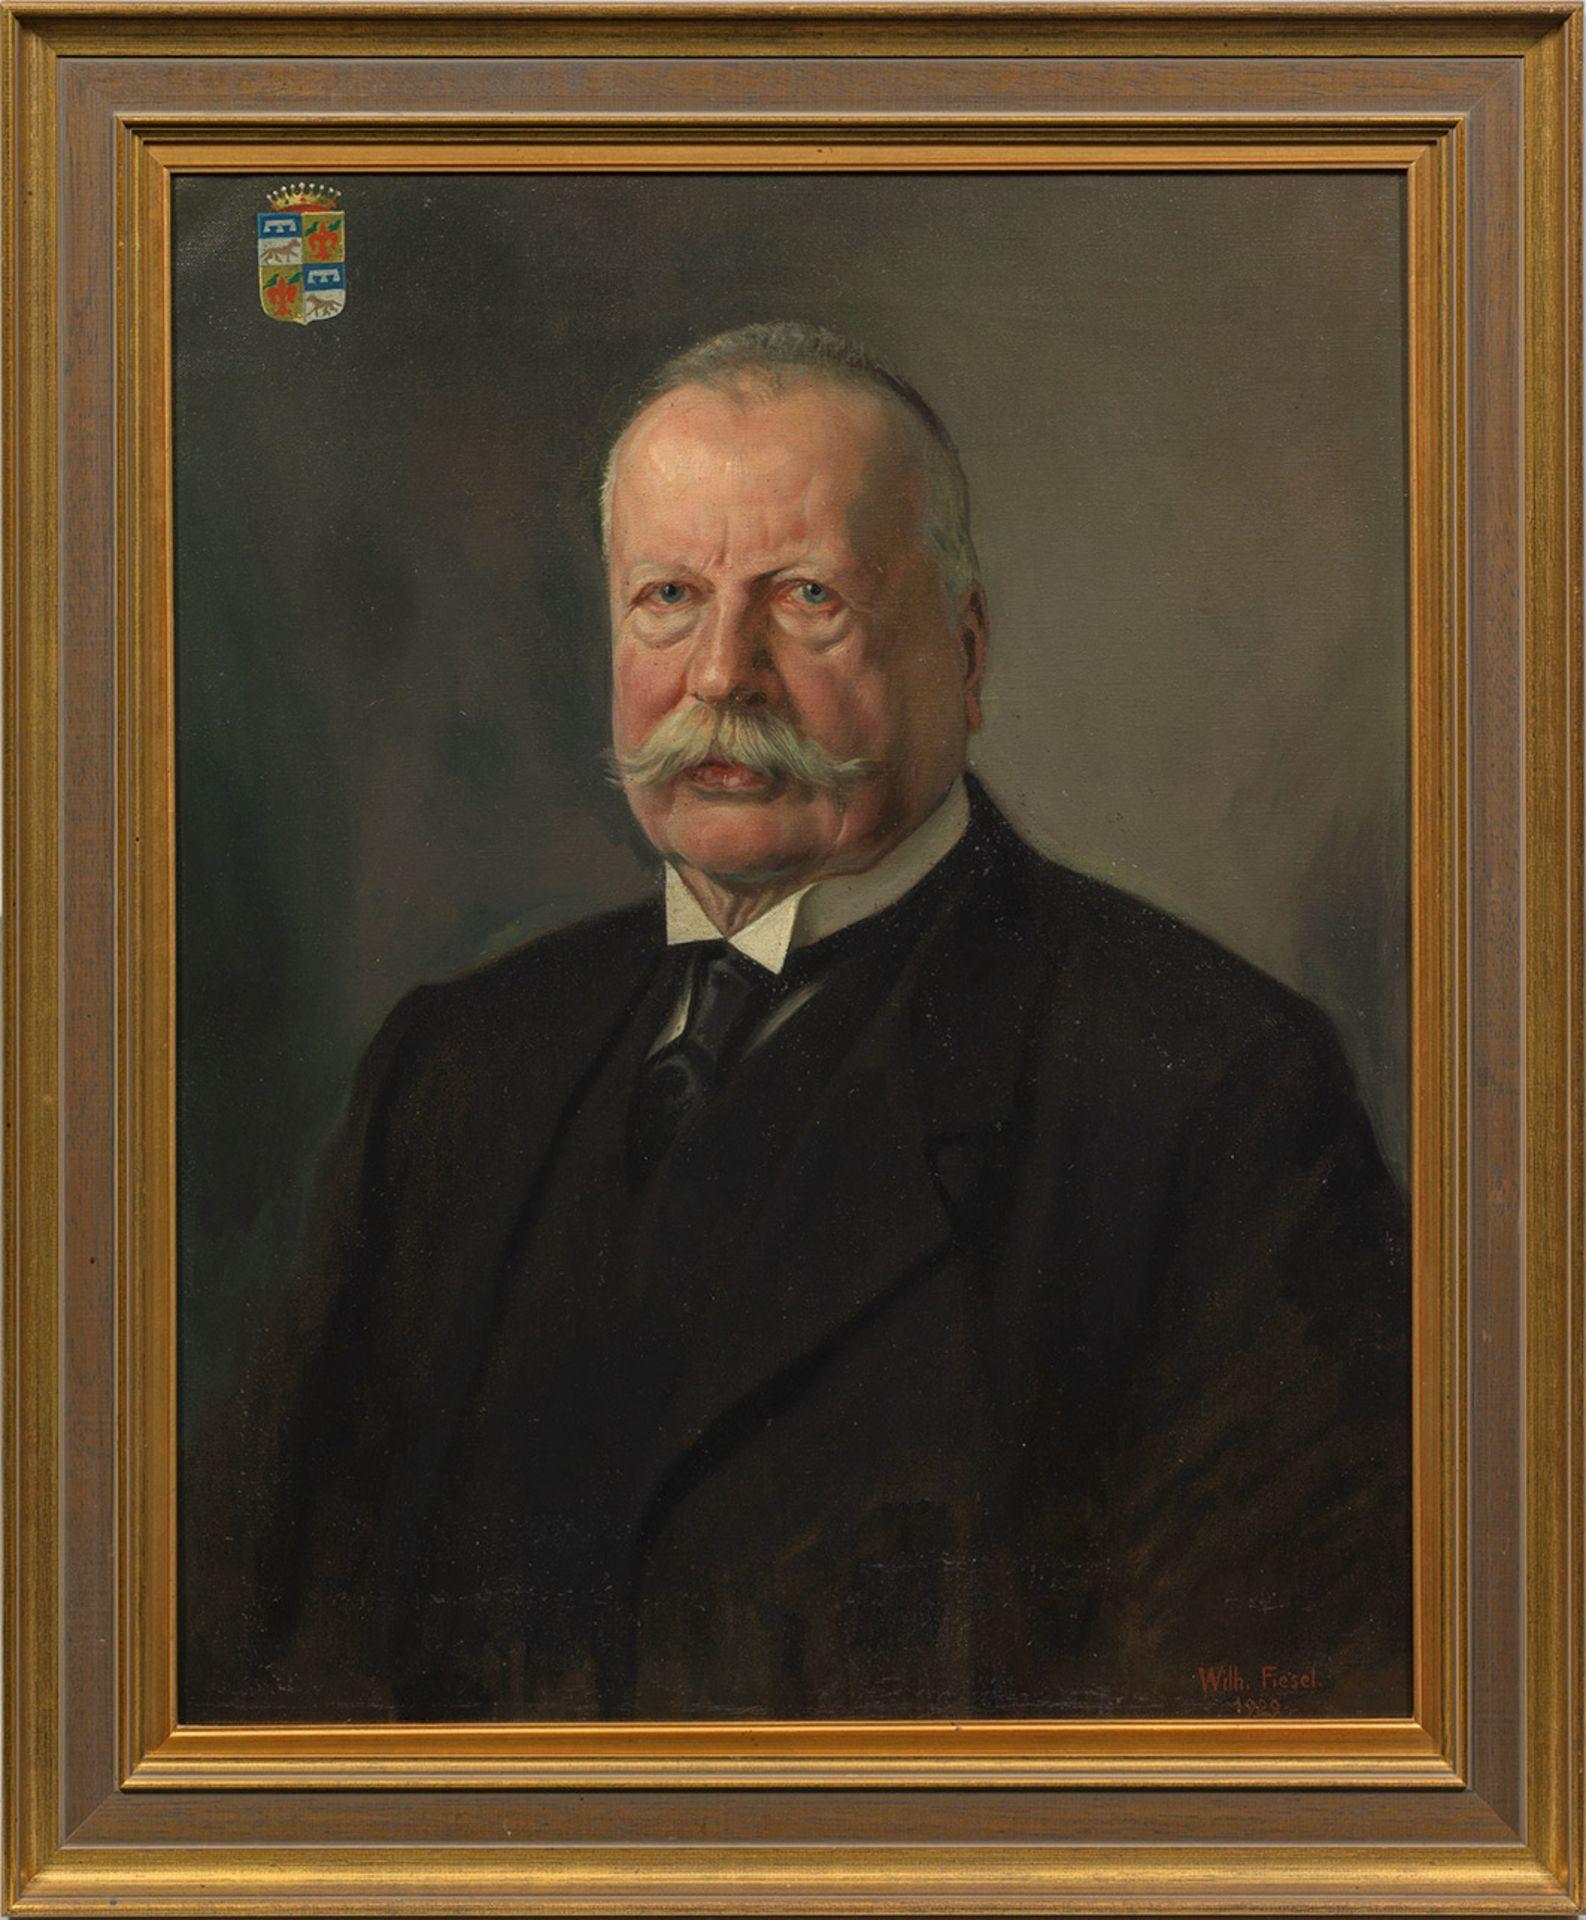 Wilhelm August Fiesel - Bild 2 aus 2